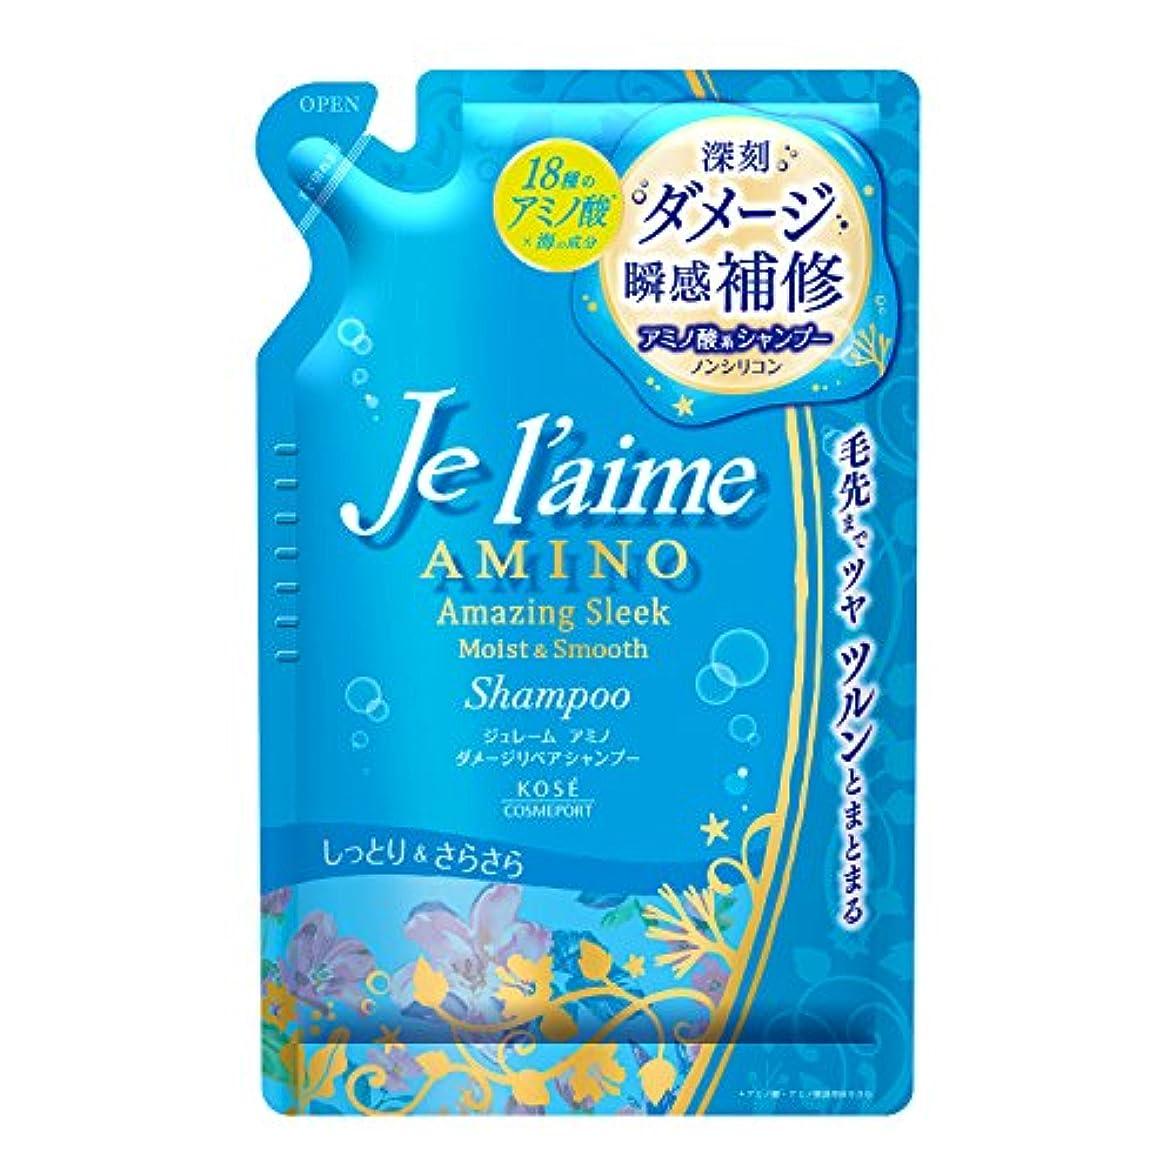 スピリチュアルく論理的KOSE コーセー ジュレーム アミノ ダメージ リペア シャンプー ノンシリコン アミノ酸 配合 (モイスト & スムース) つめかえ 400ml